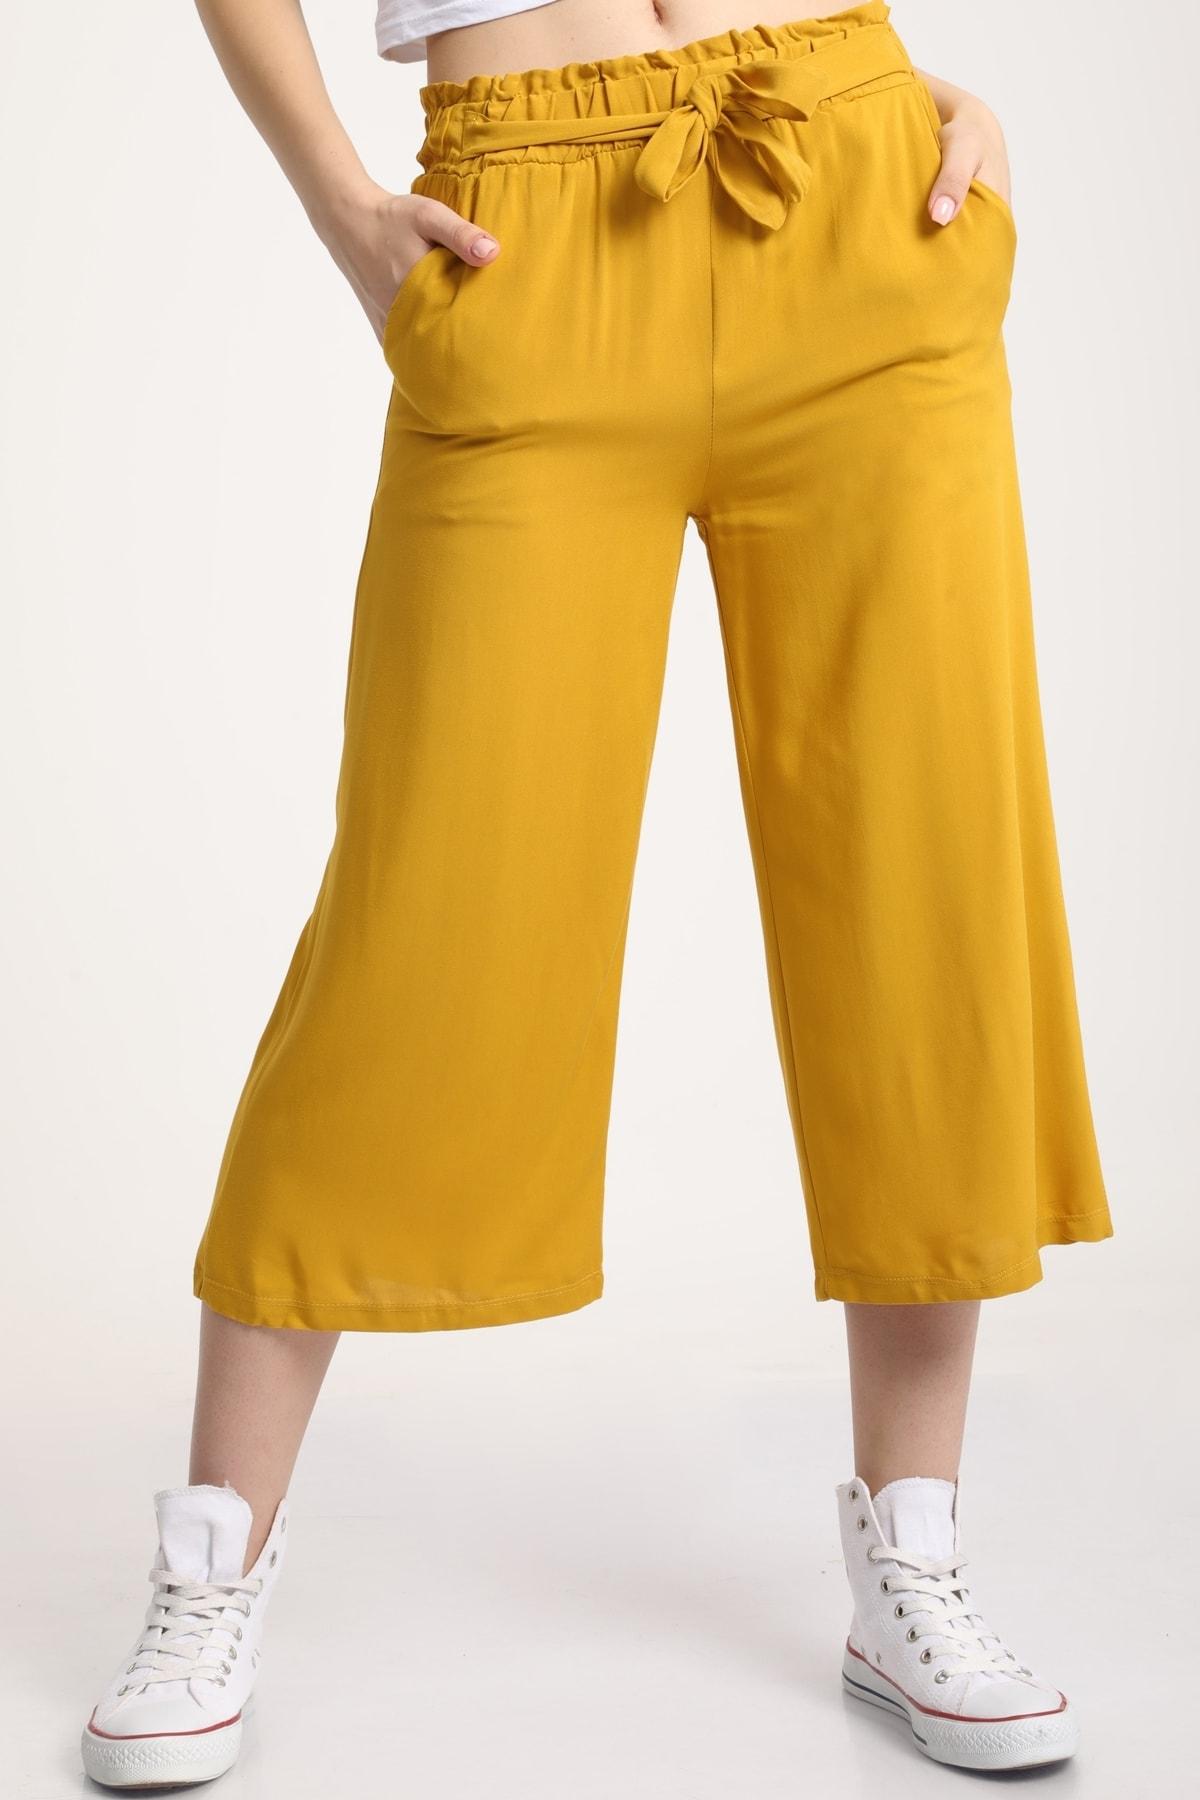 MD trend Kadın Hardal Bel Lastikli Bağlamalı Kısa Pantolon Mdt5979 1